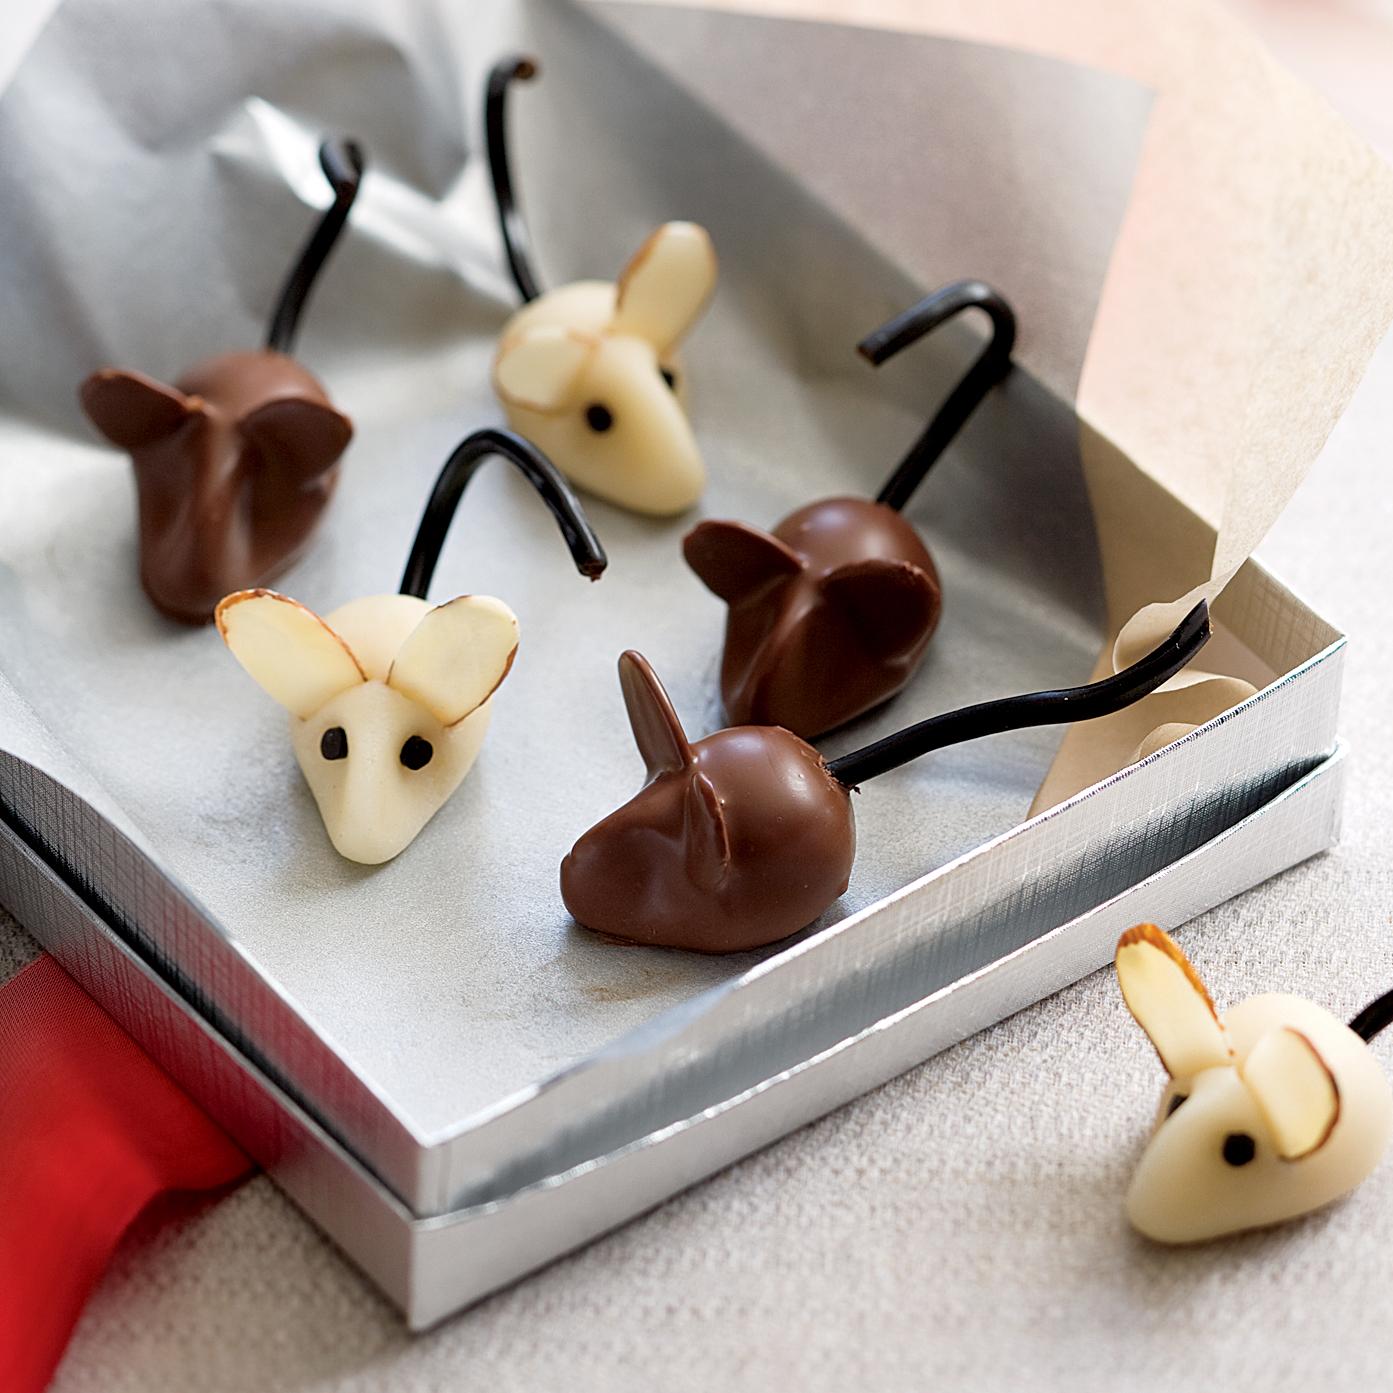 marzipan mice